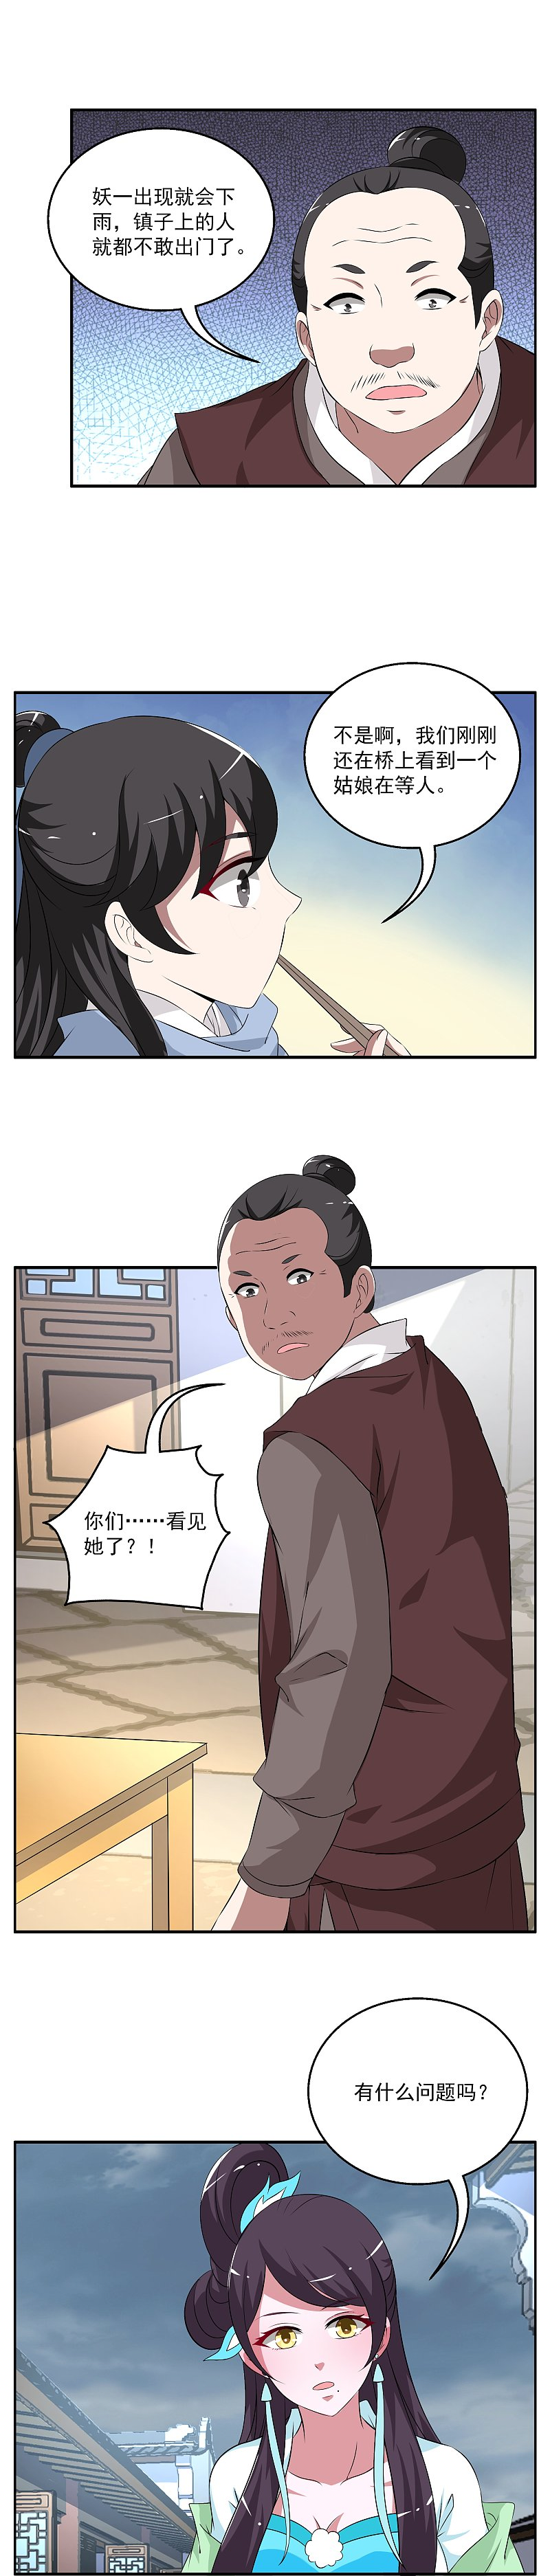 洛小妖188 (6).JPG